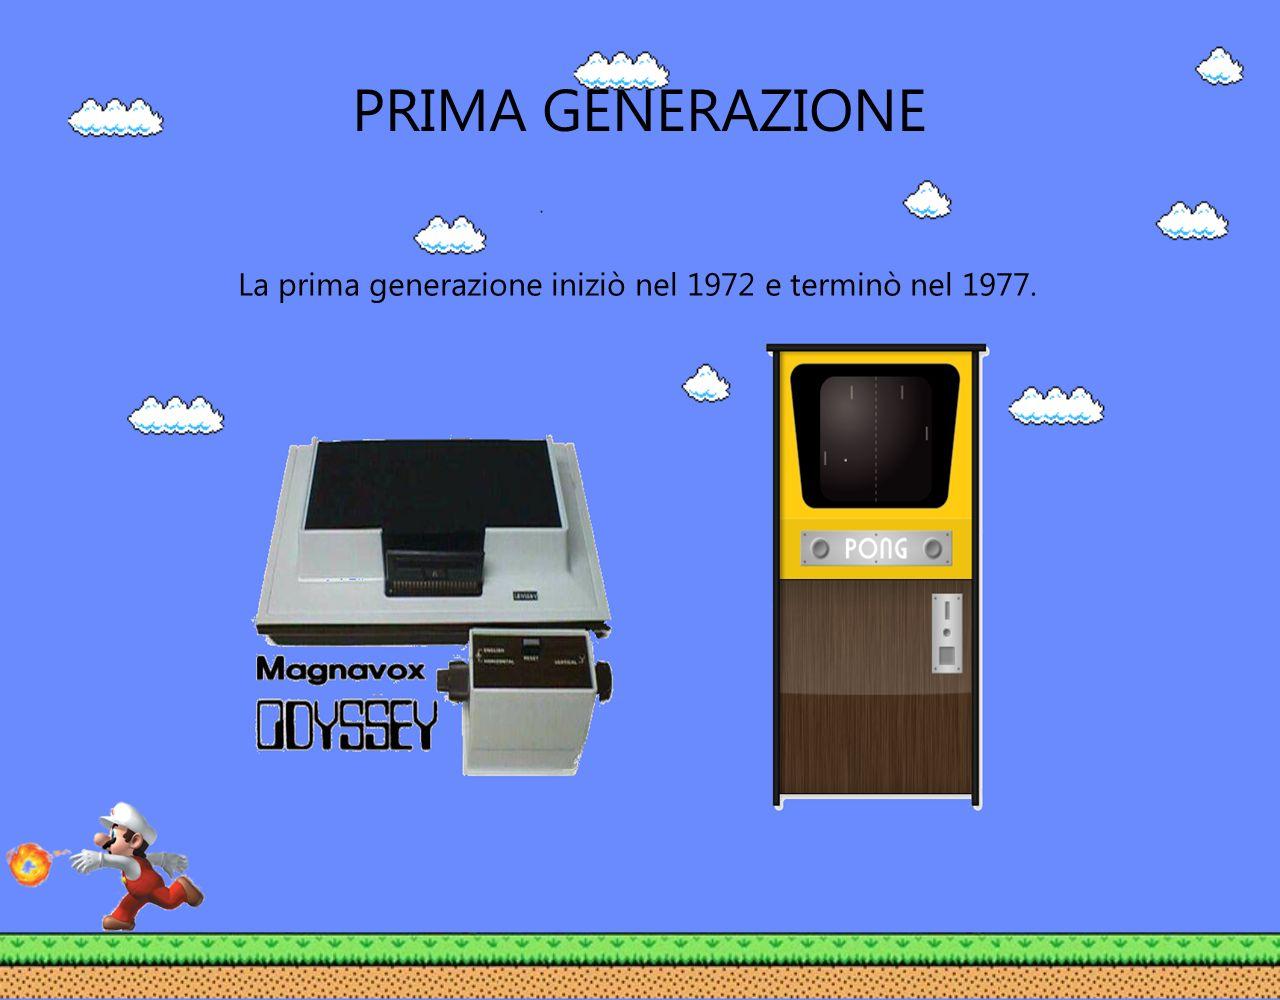 PRIMA GENERAZIONE La prima generazione iniziò nel 1972 e terminò nel 1977.